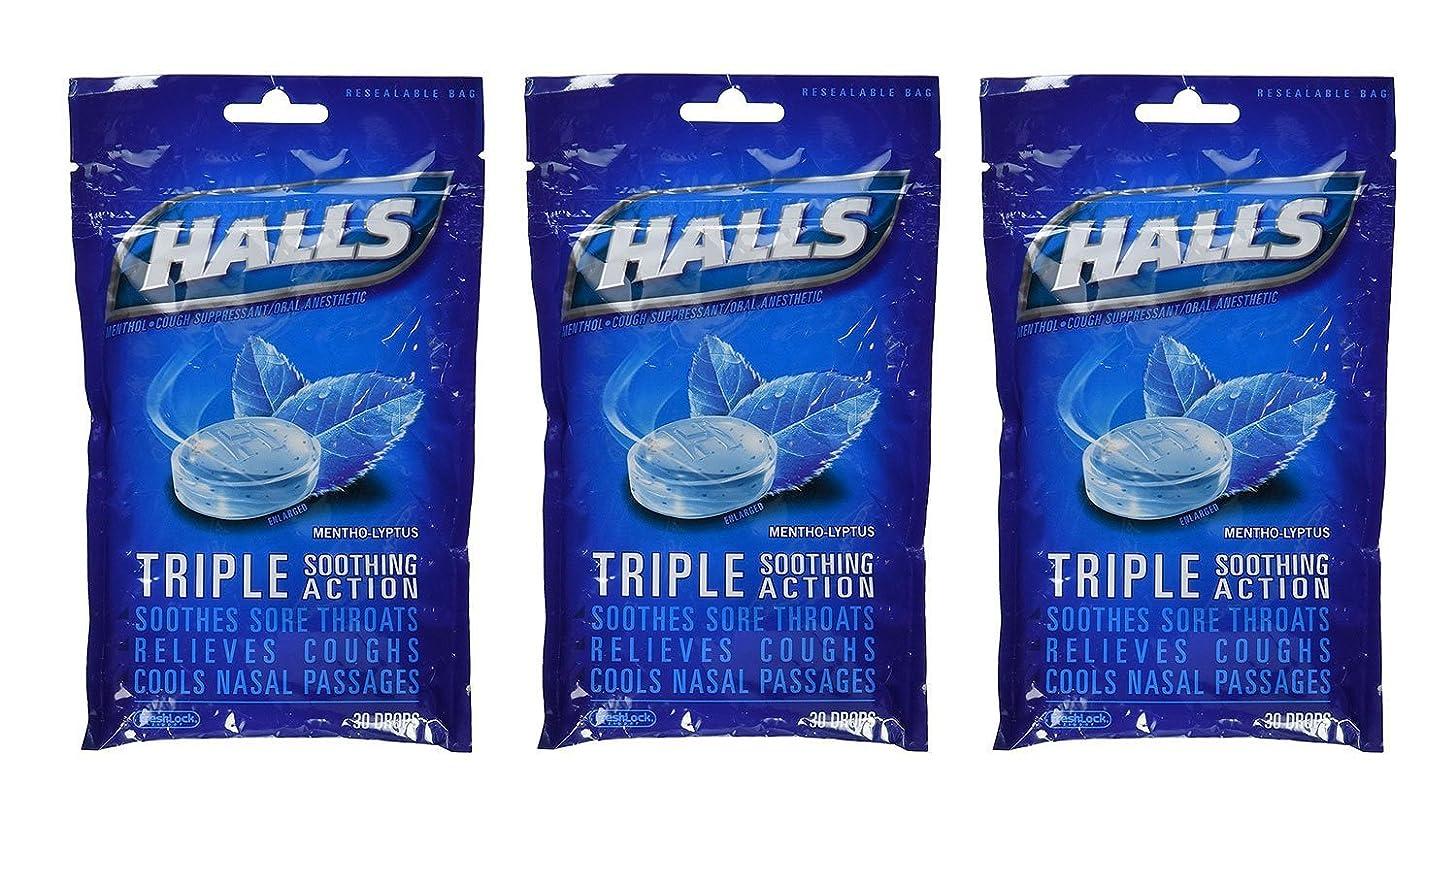 Halls Drops, Menthol-Lyptus, 30-Count Drops (Pack of 3)